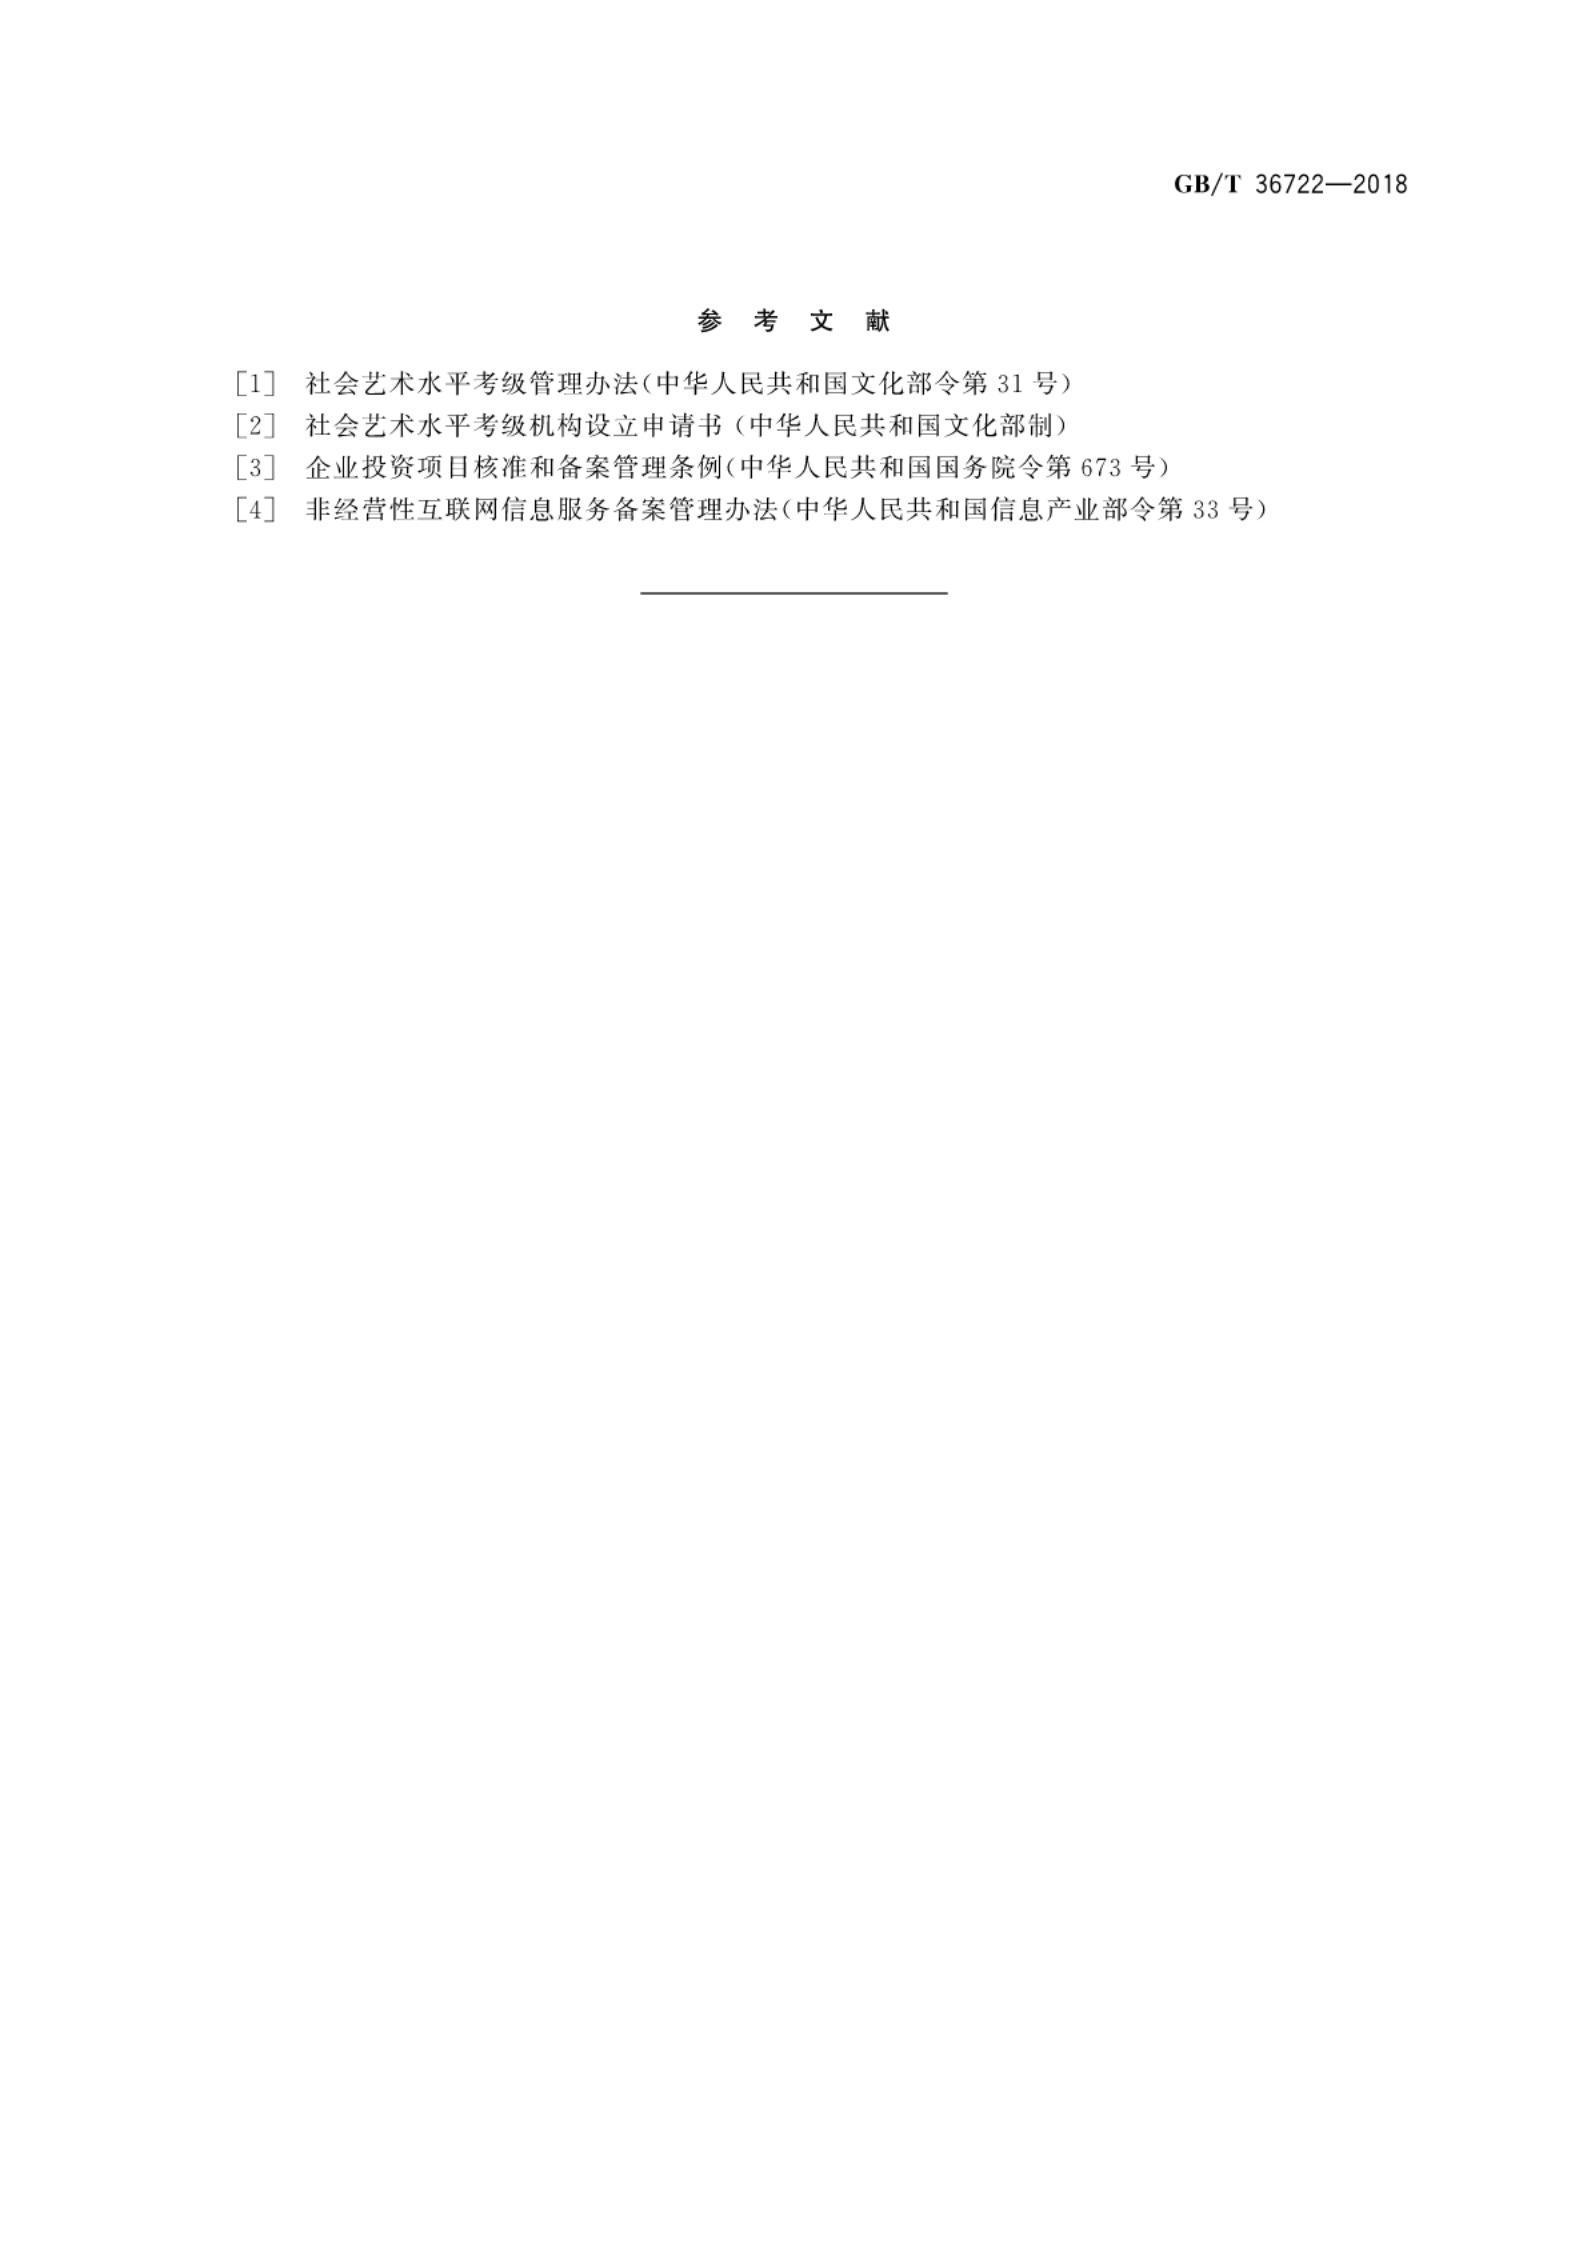 社会艺术水平考级 机构备案管理要求_11.jpg